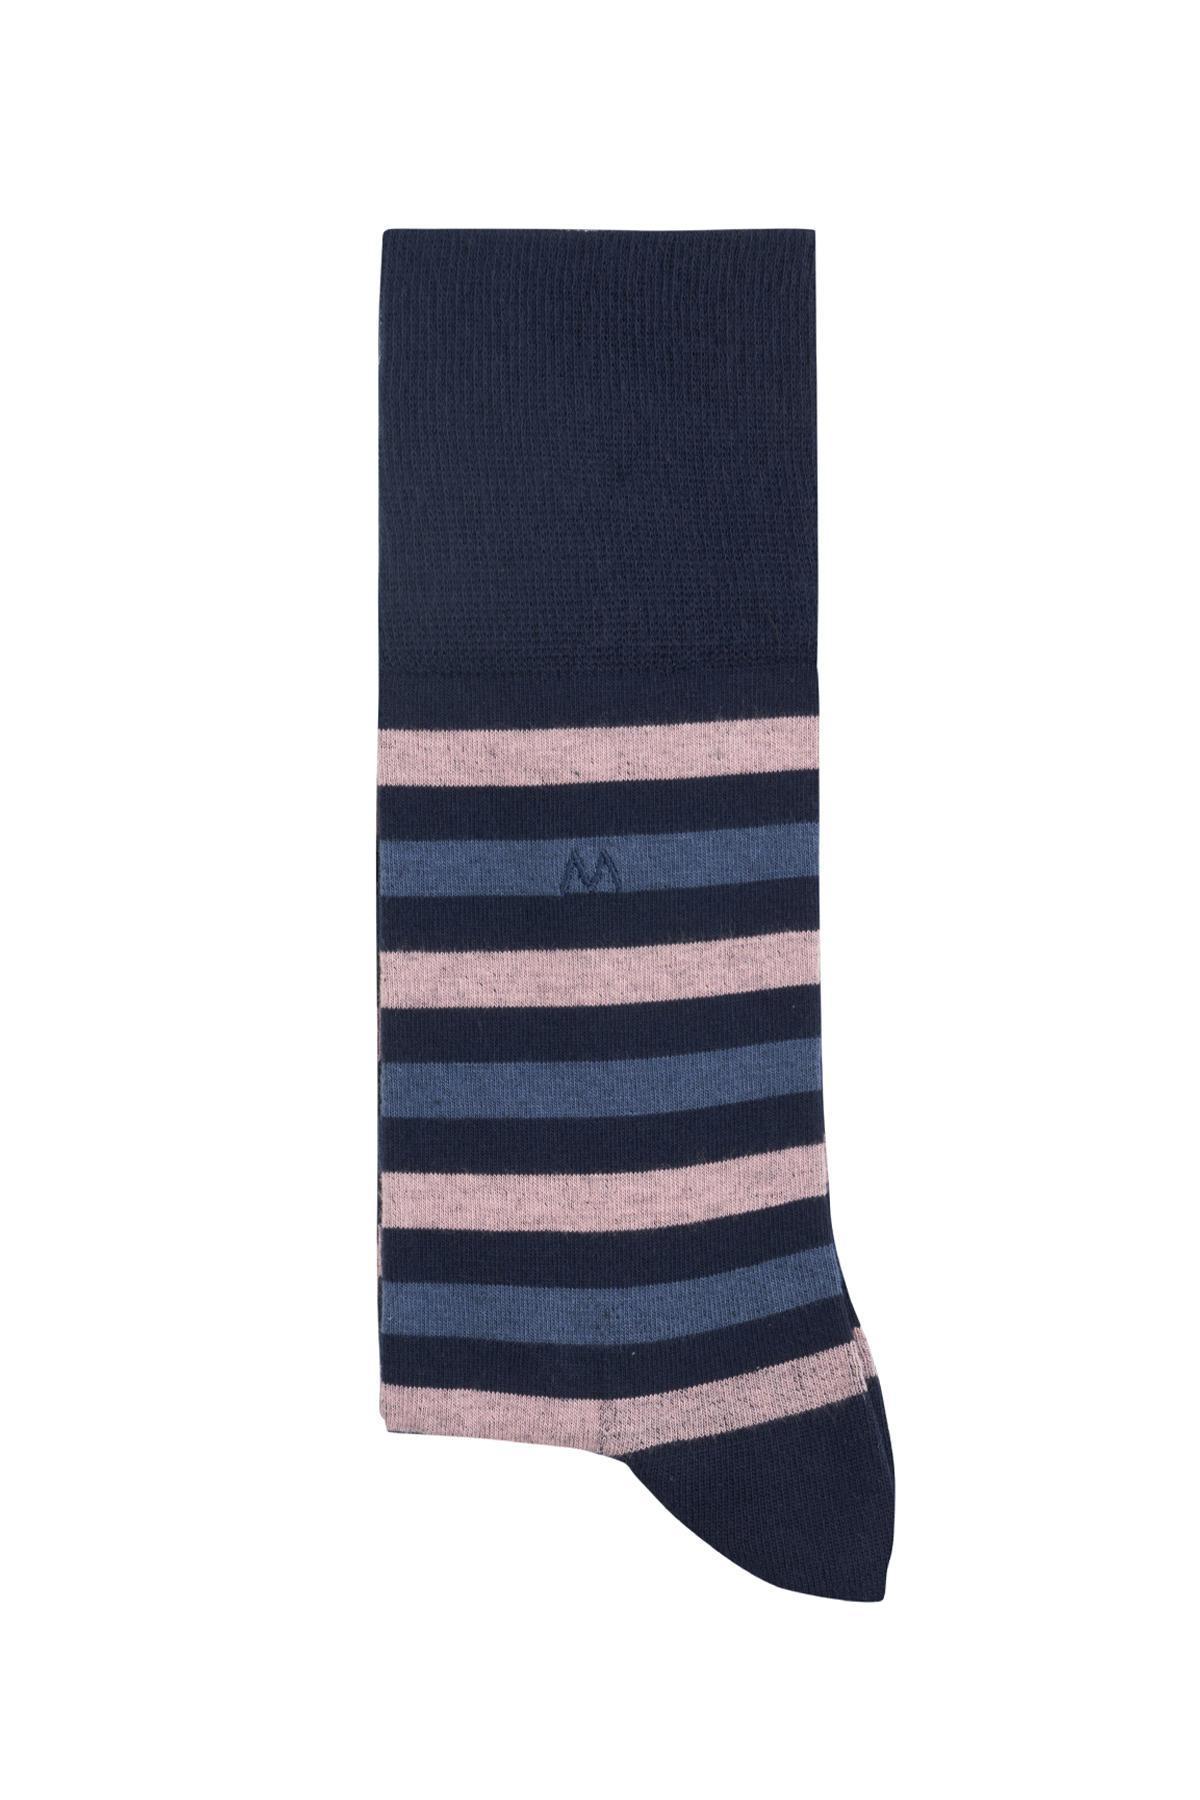 Çizgili Lacivert Yazlık Pamuk Çorap